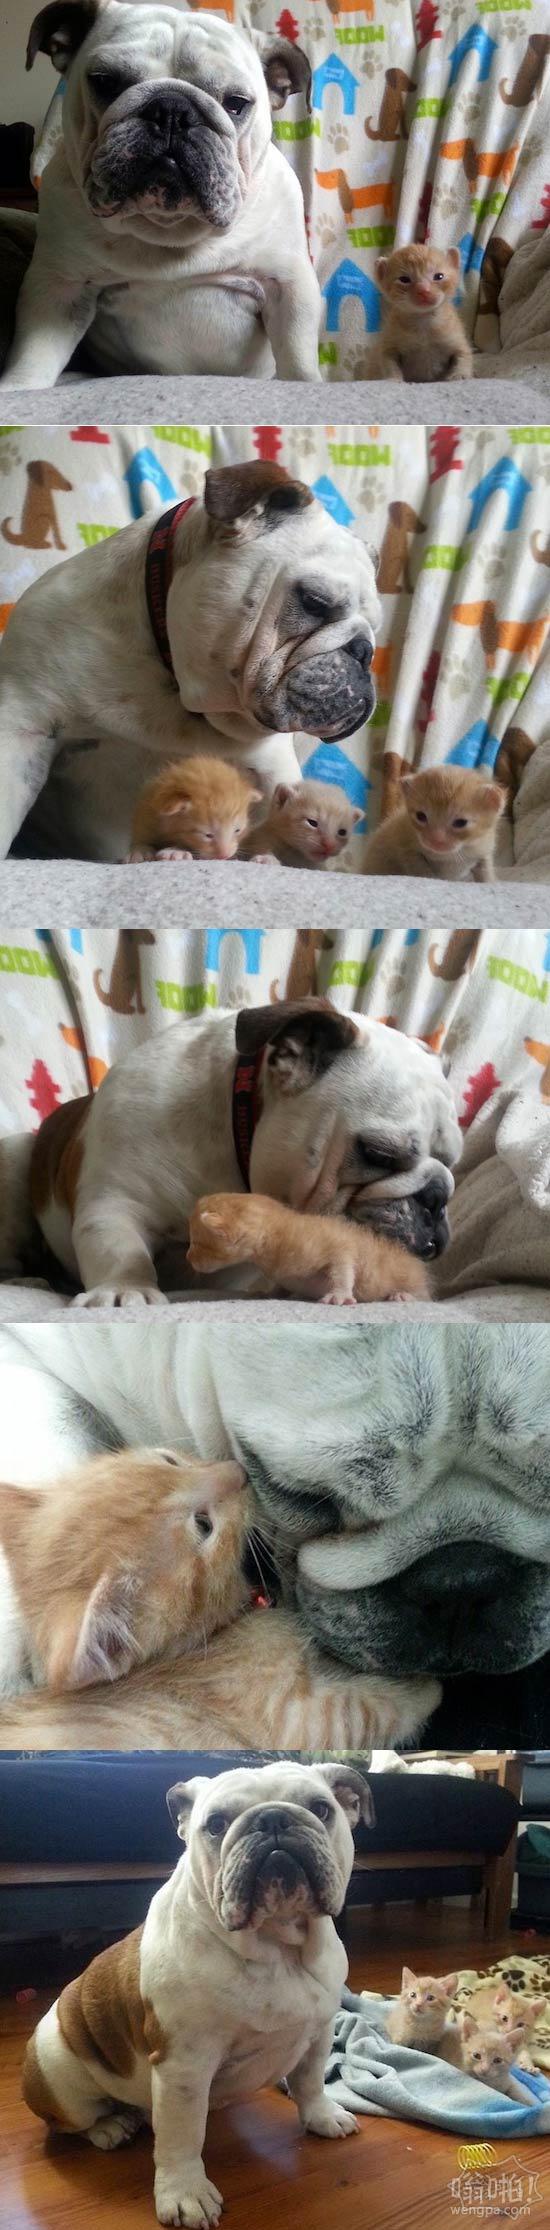 斗牛犬与他照顾的小猫